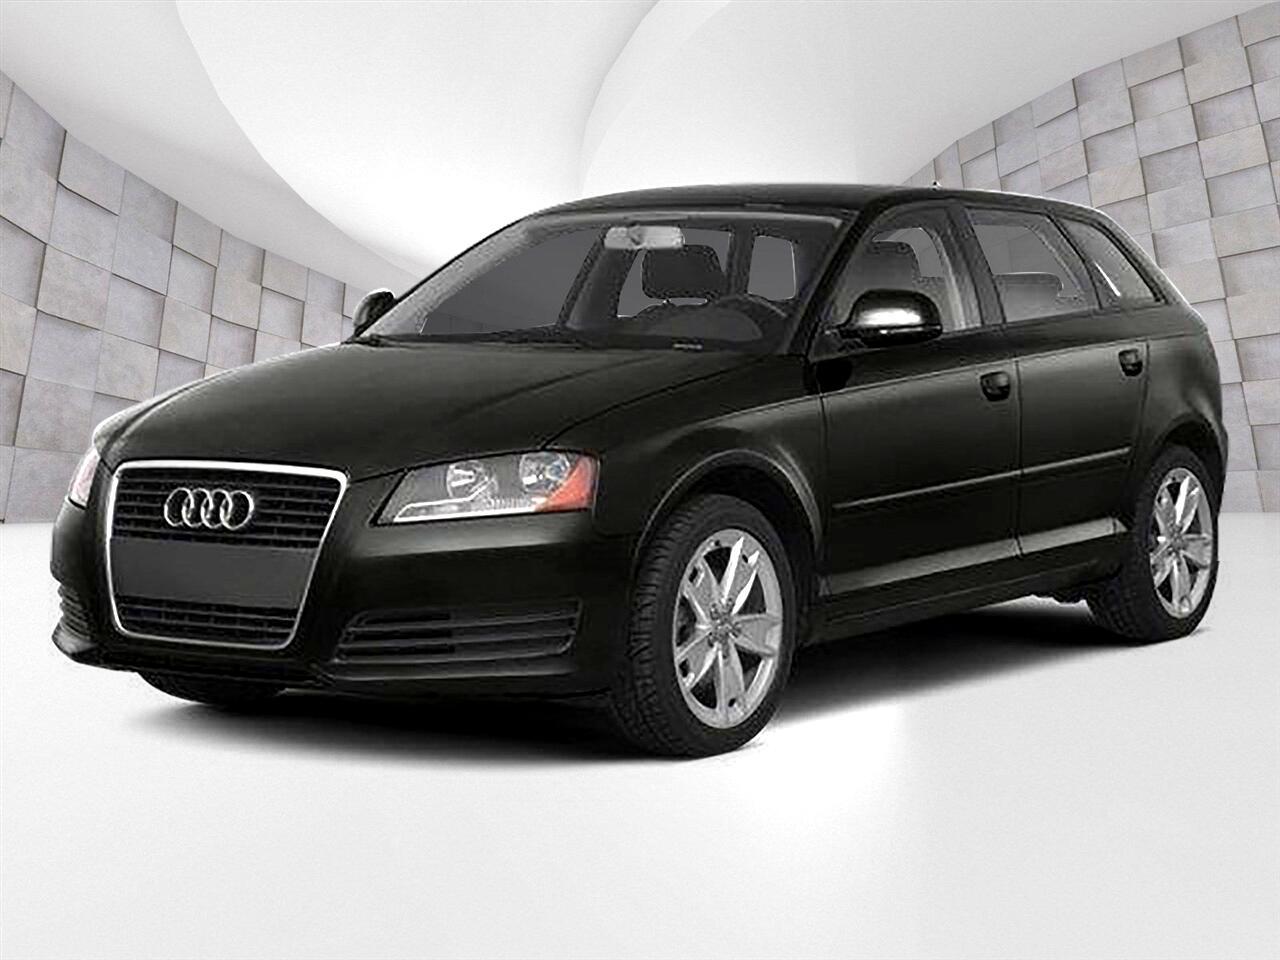 Audi A3 4dr HB S tronic FrontTrak 2.0 TDI Premium Plus 2013